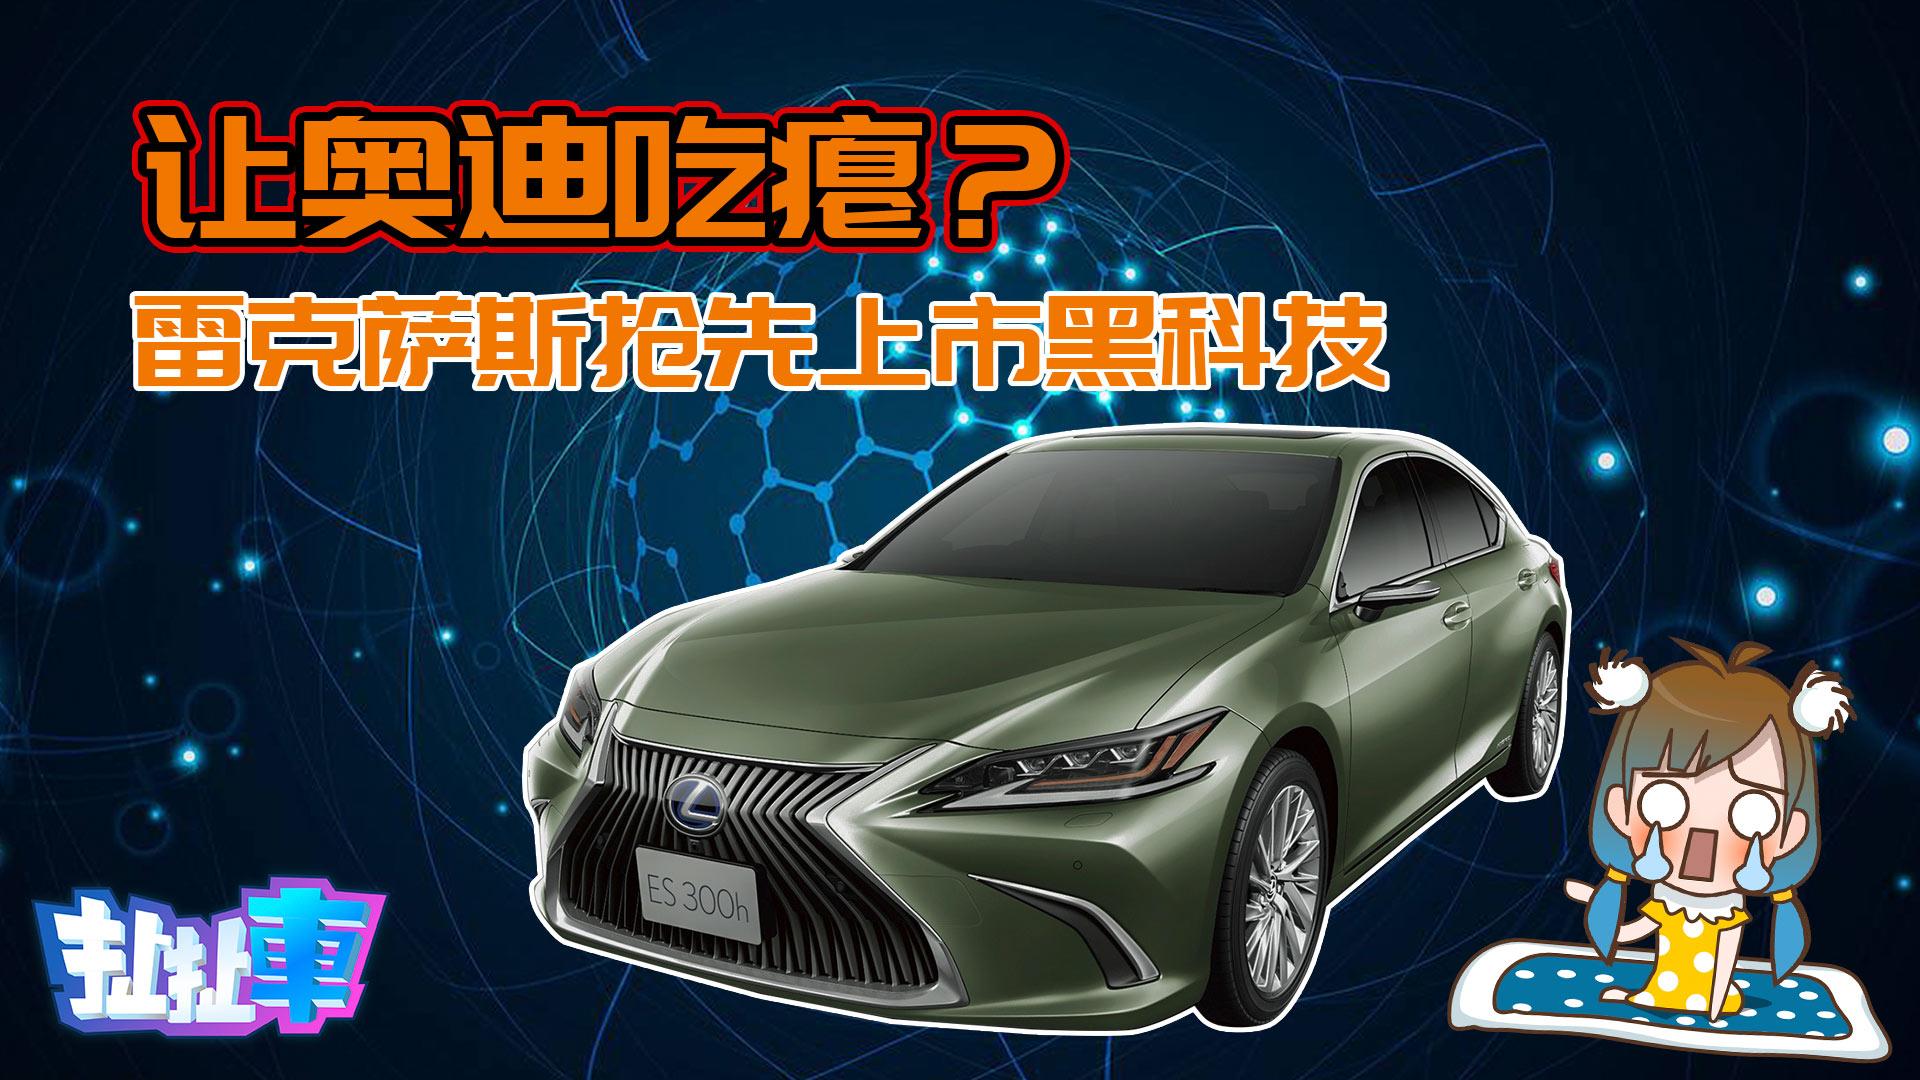 【扯扯车】雷克萨斯黑科技让奥迪看傻眼 宝骏新平台SUV有网红潜质